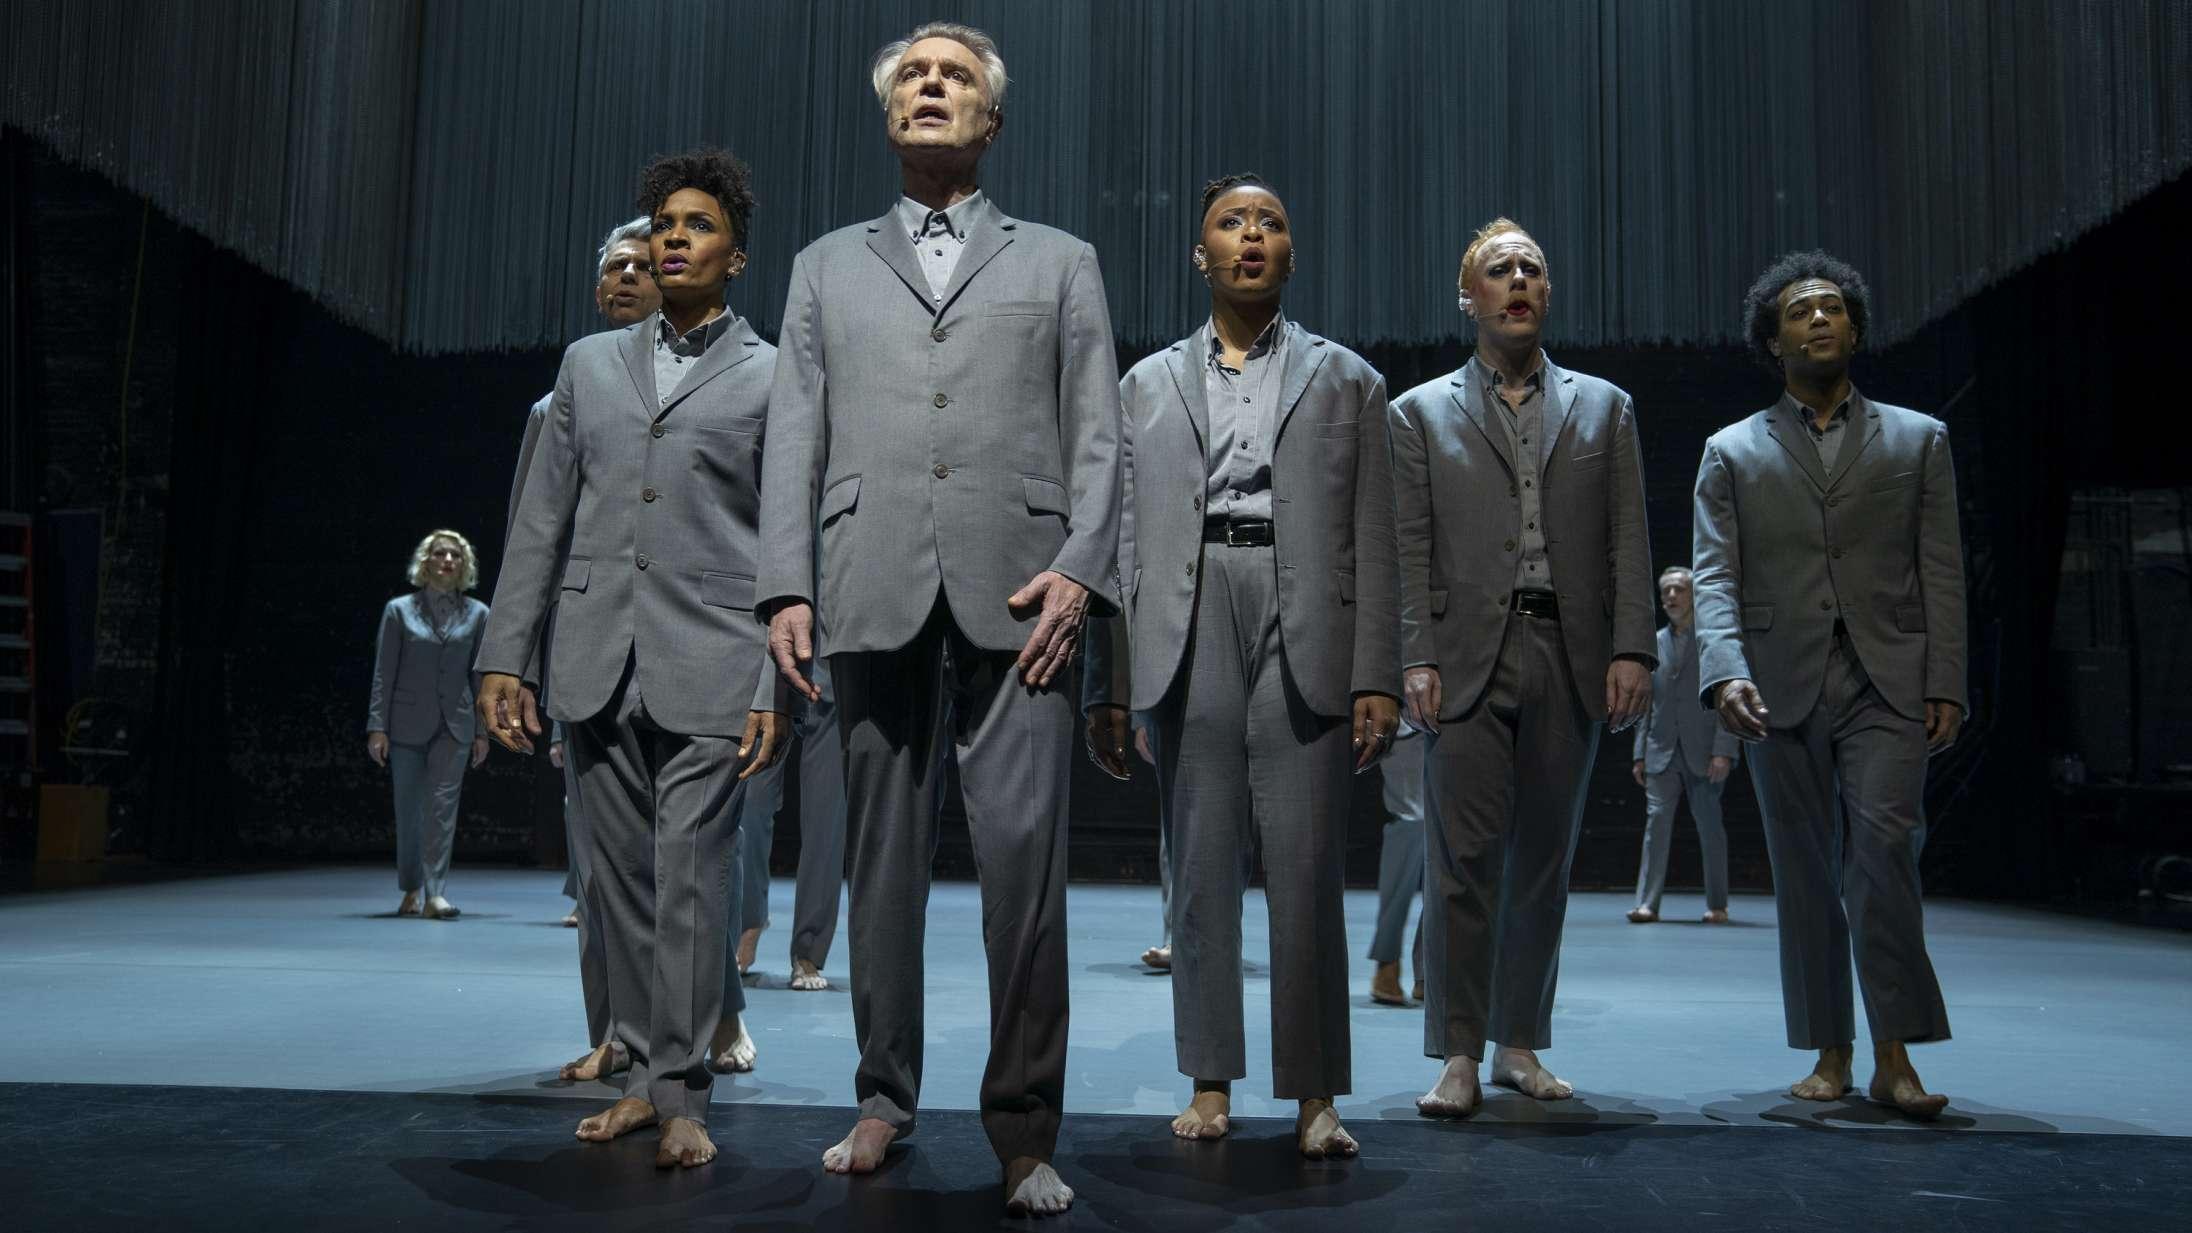 'American Utopia': Kropsdelene flopper rundt på scenen i den måske næstbedste koncertfilm nogensinde